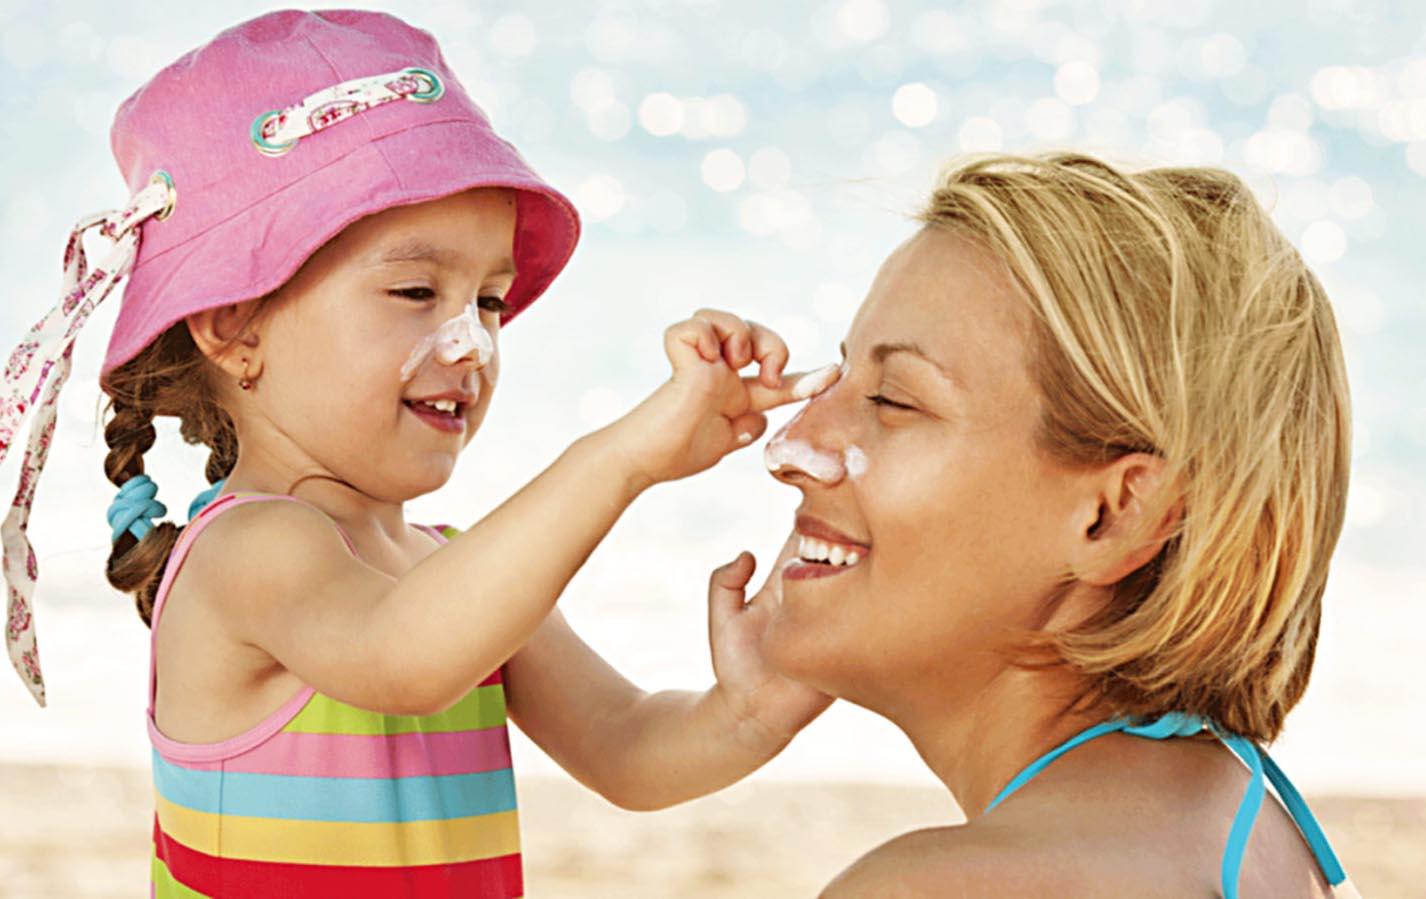 Thoa kem chống nắng giúp bảo vệ da khỏi ánh nắng mặt trời